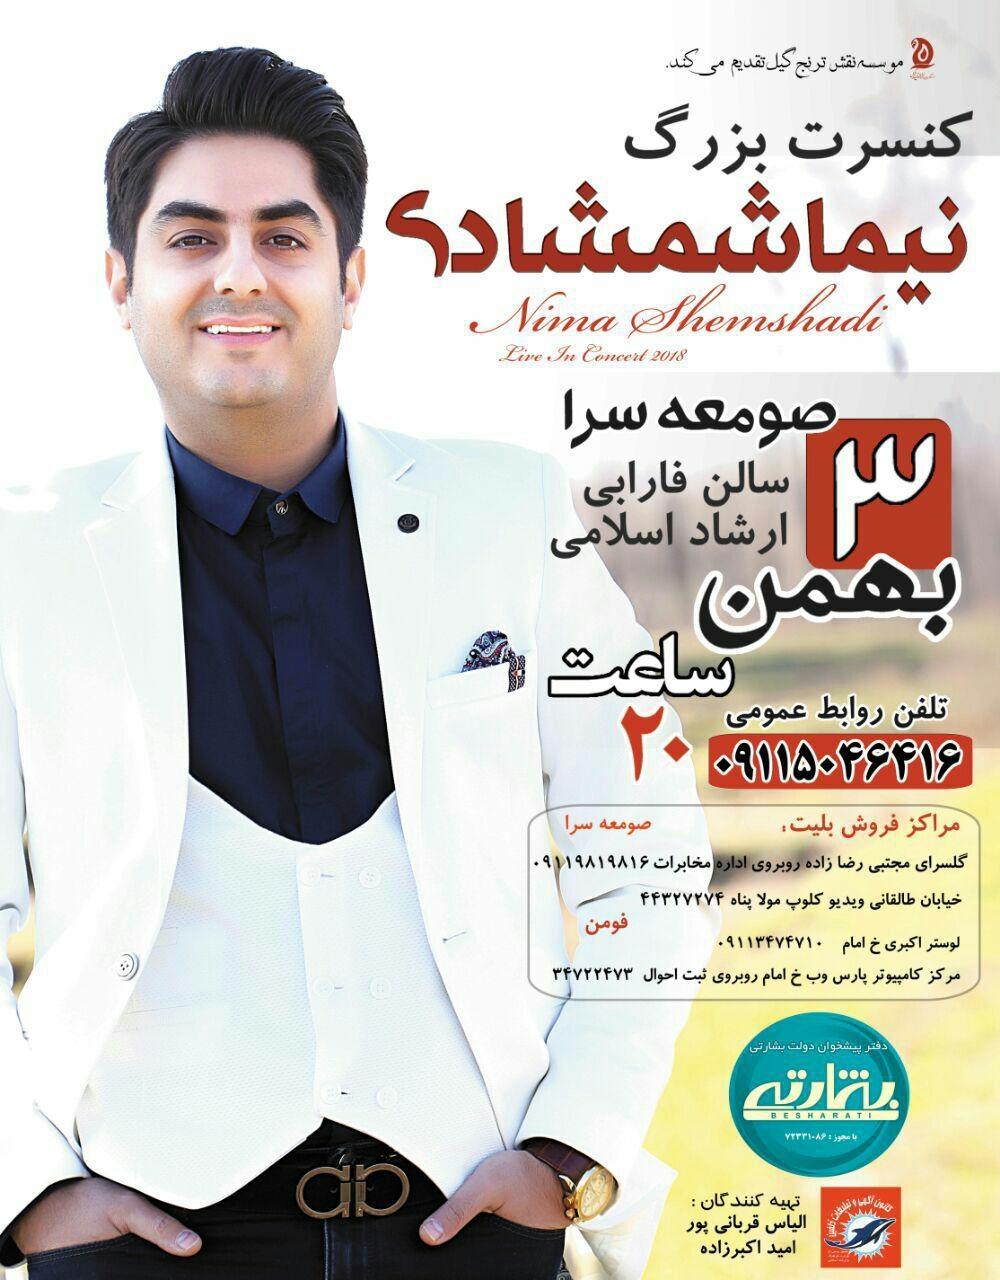 کنسرت بزرگ نیما شمشادی ۳ بهمن در صومعه سرا برگزار می شود